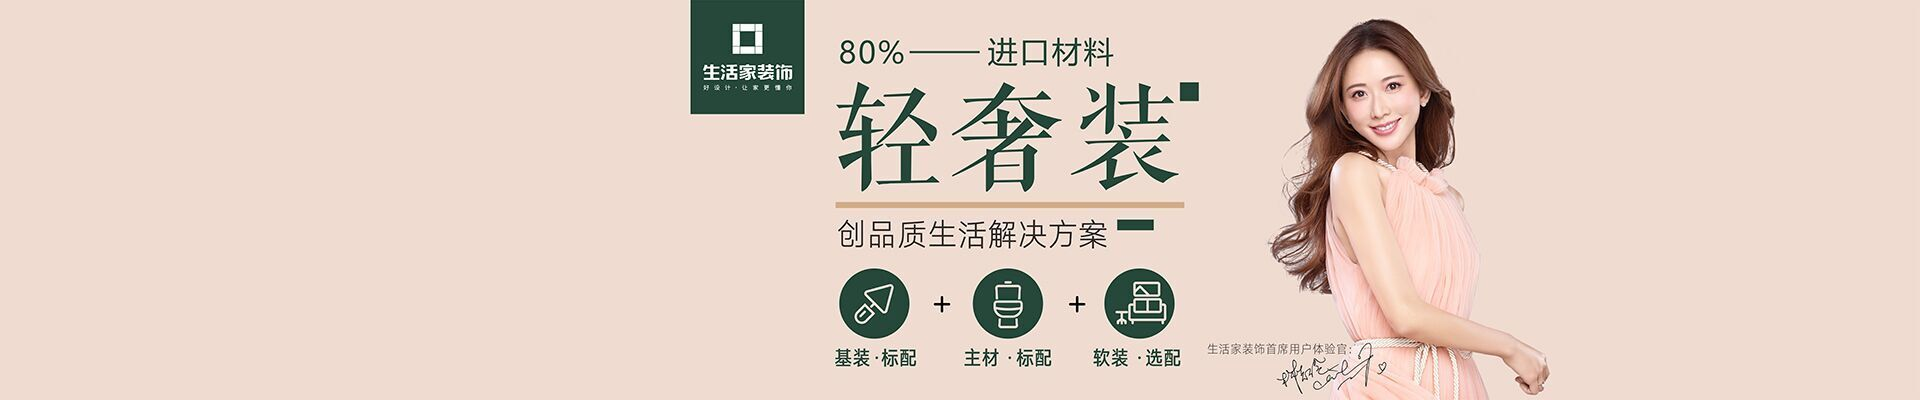 广州生活家装饰工程有限公司